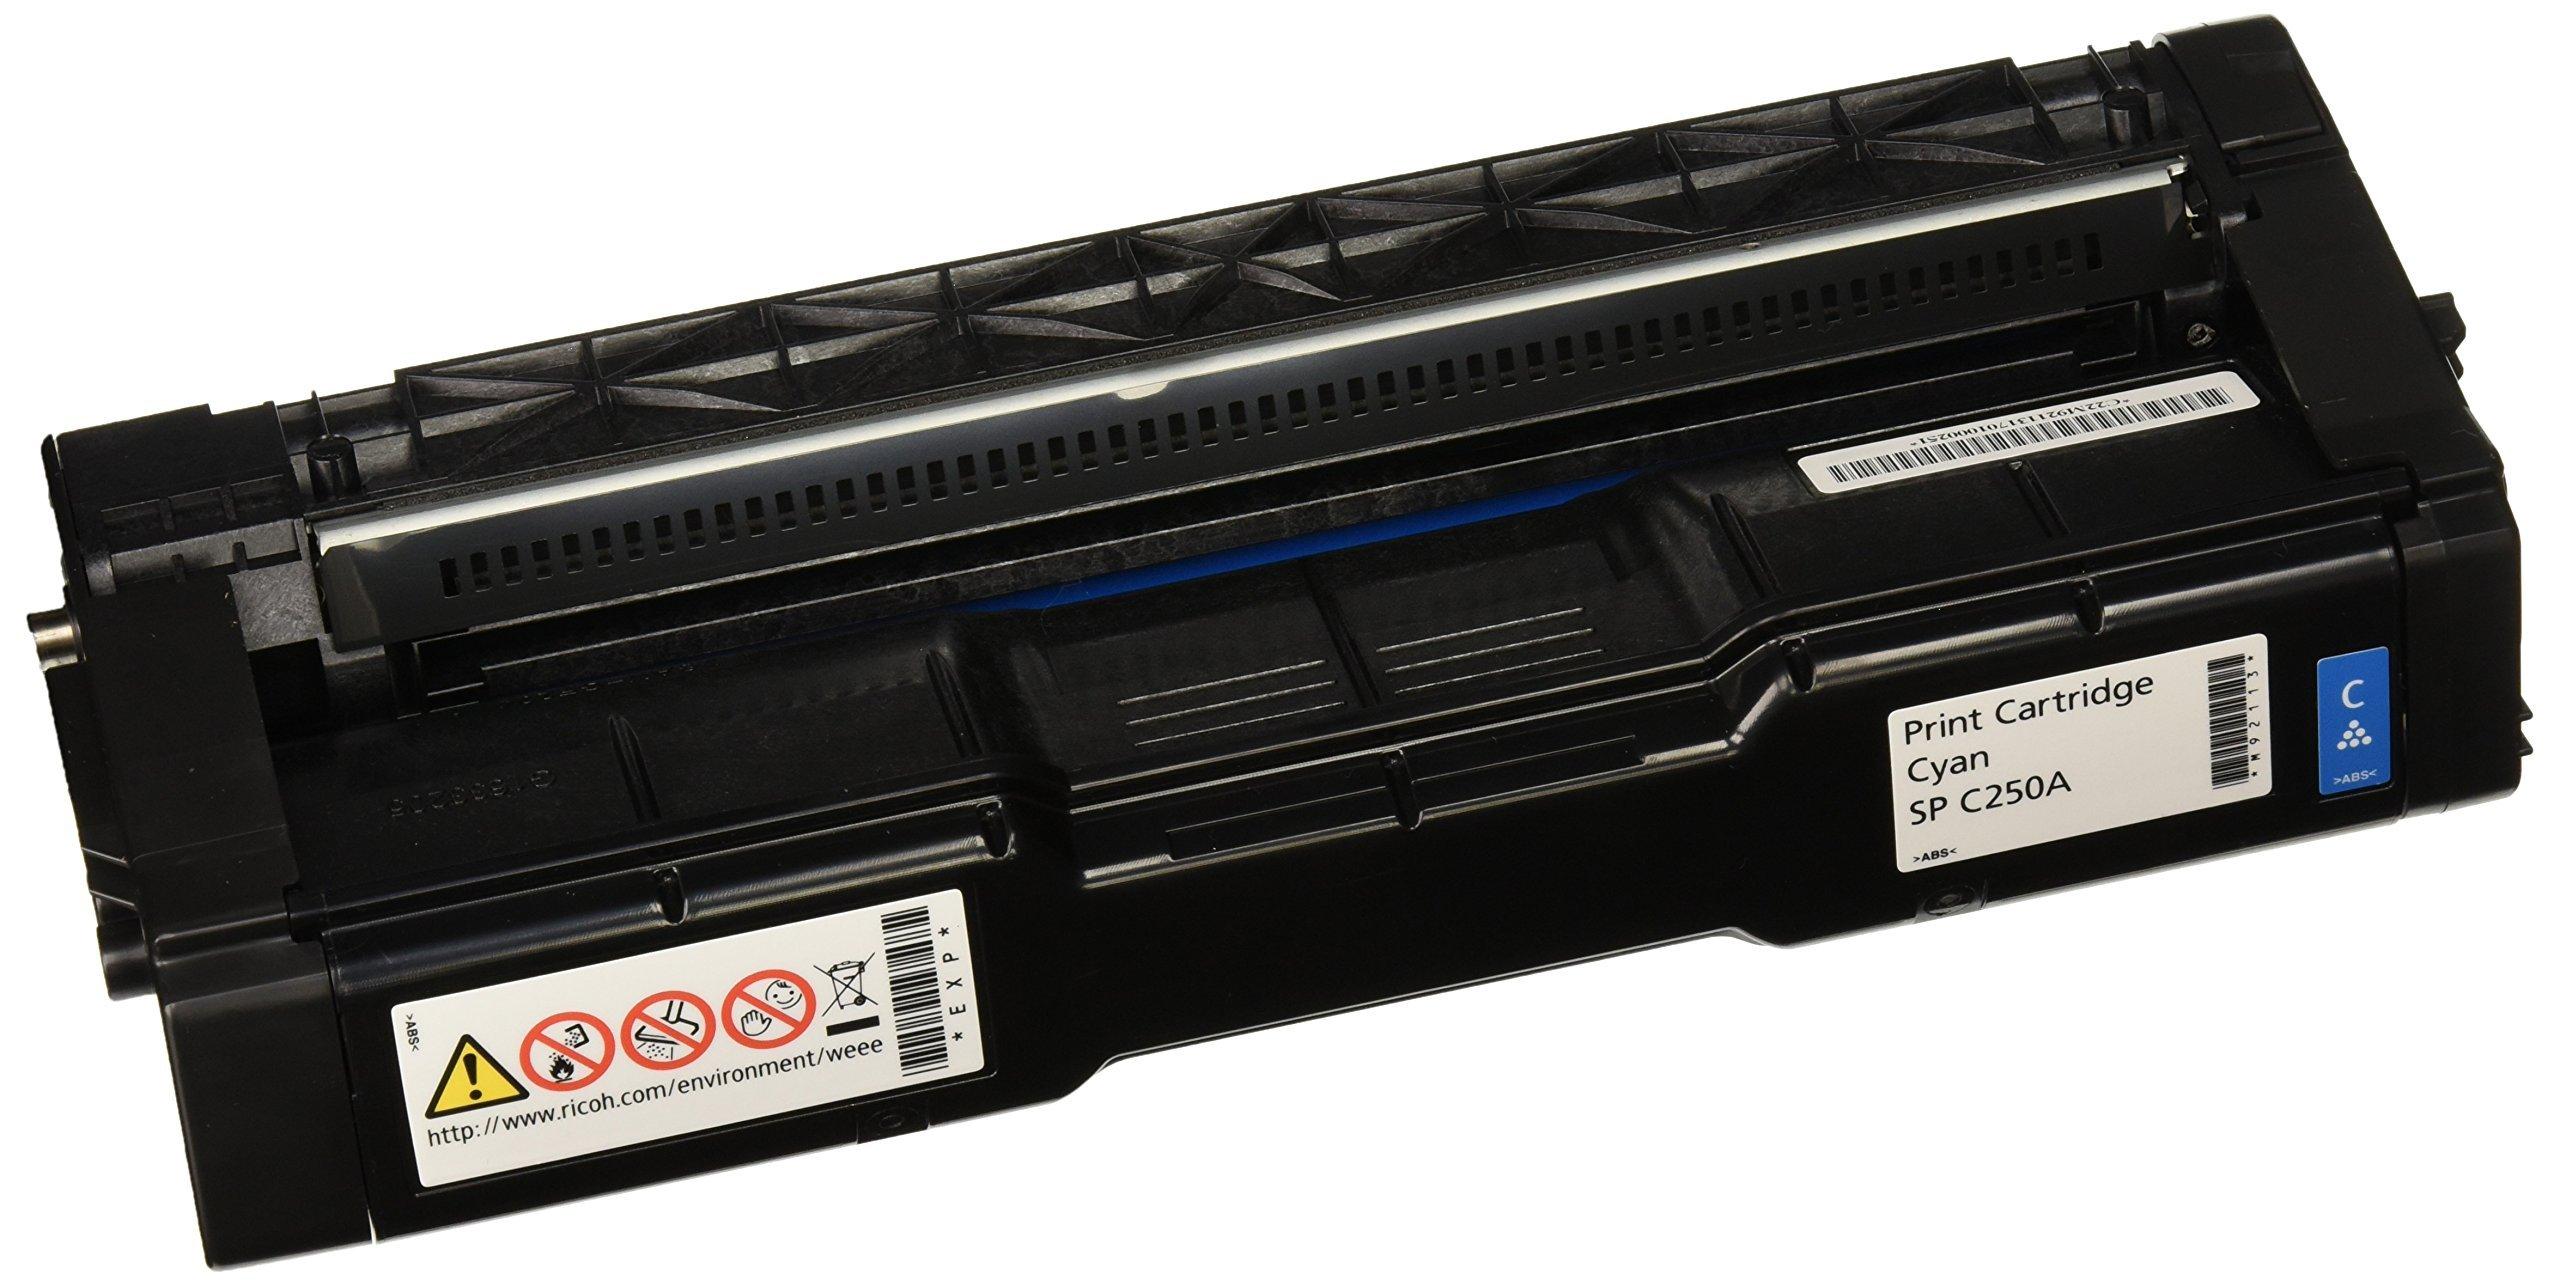 Ricoh Cyan Toner Cartridge, 2300 Yield (407540)